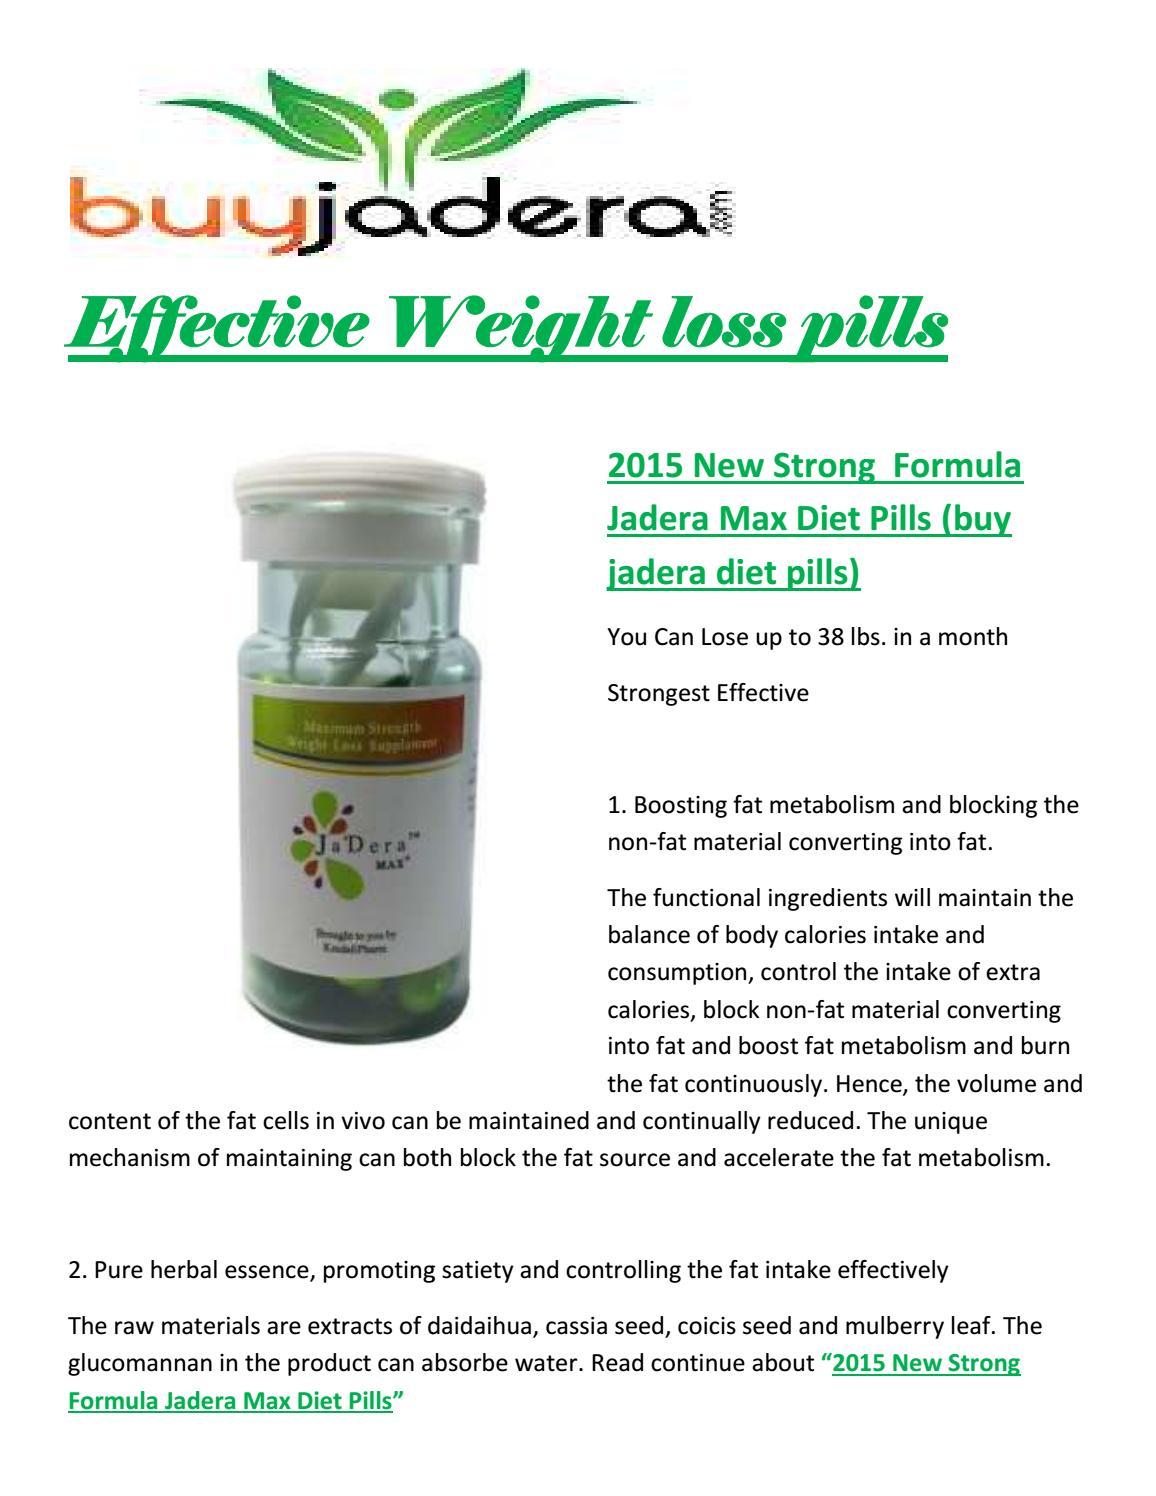 where to buy jadera diet pills